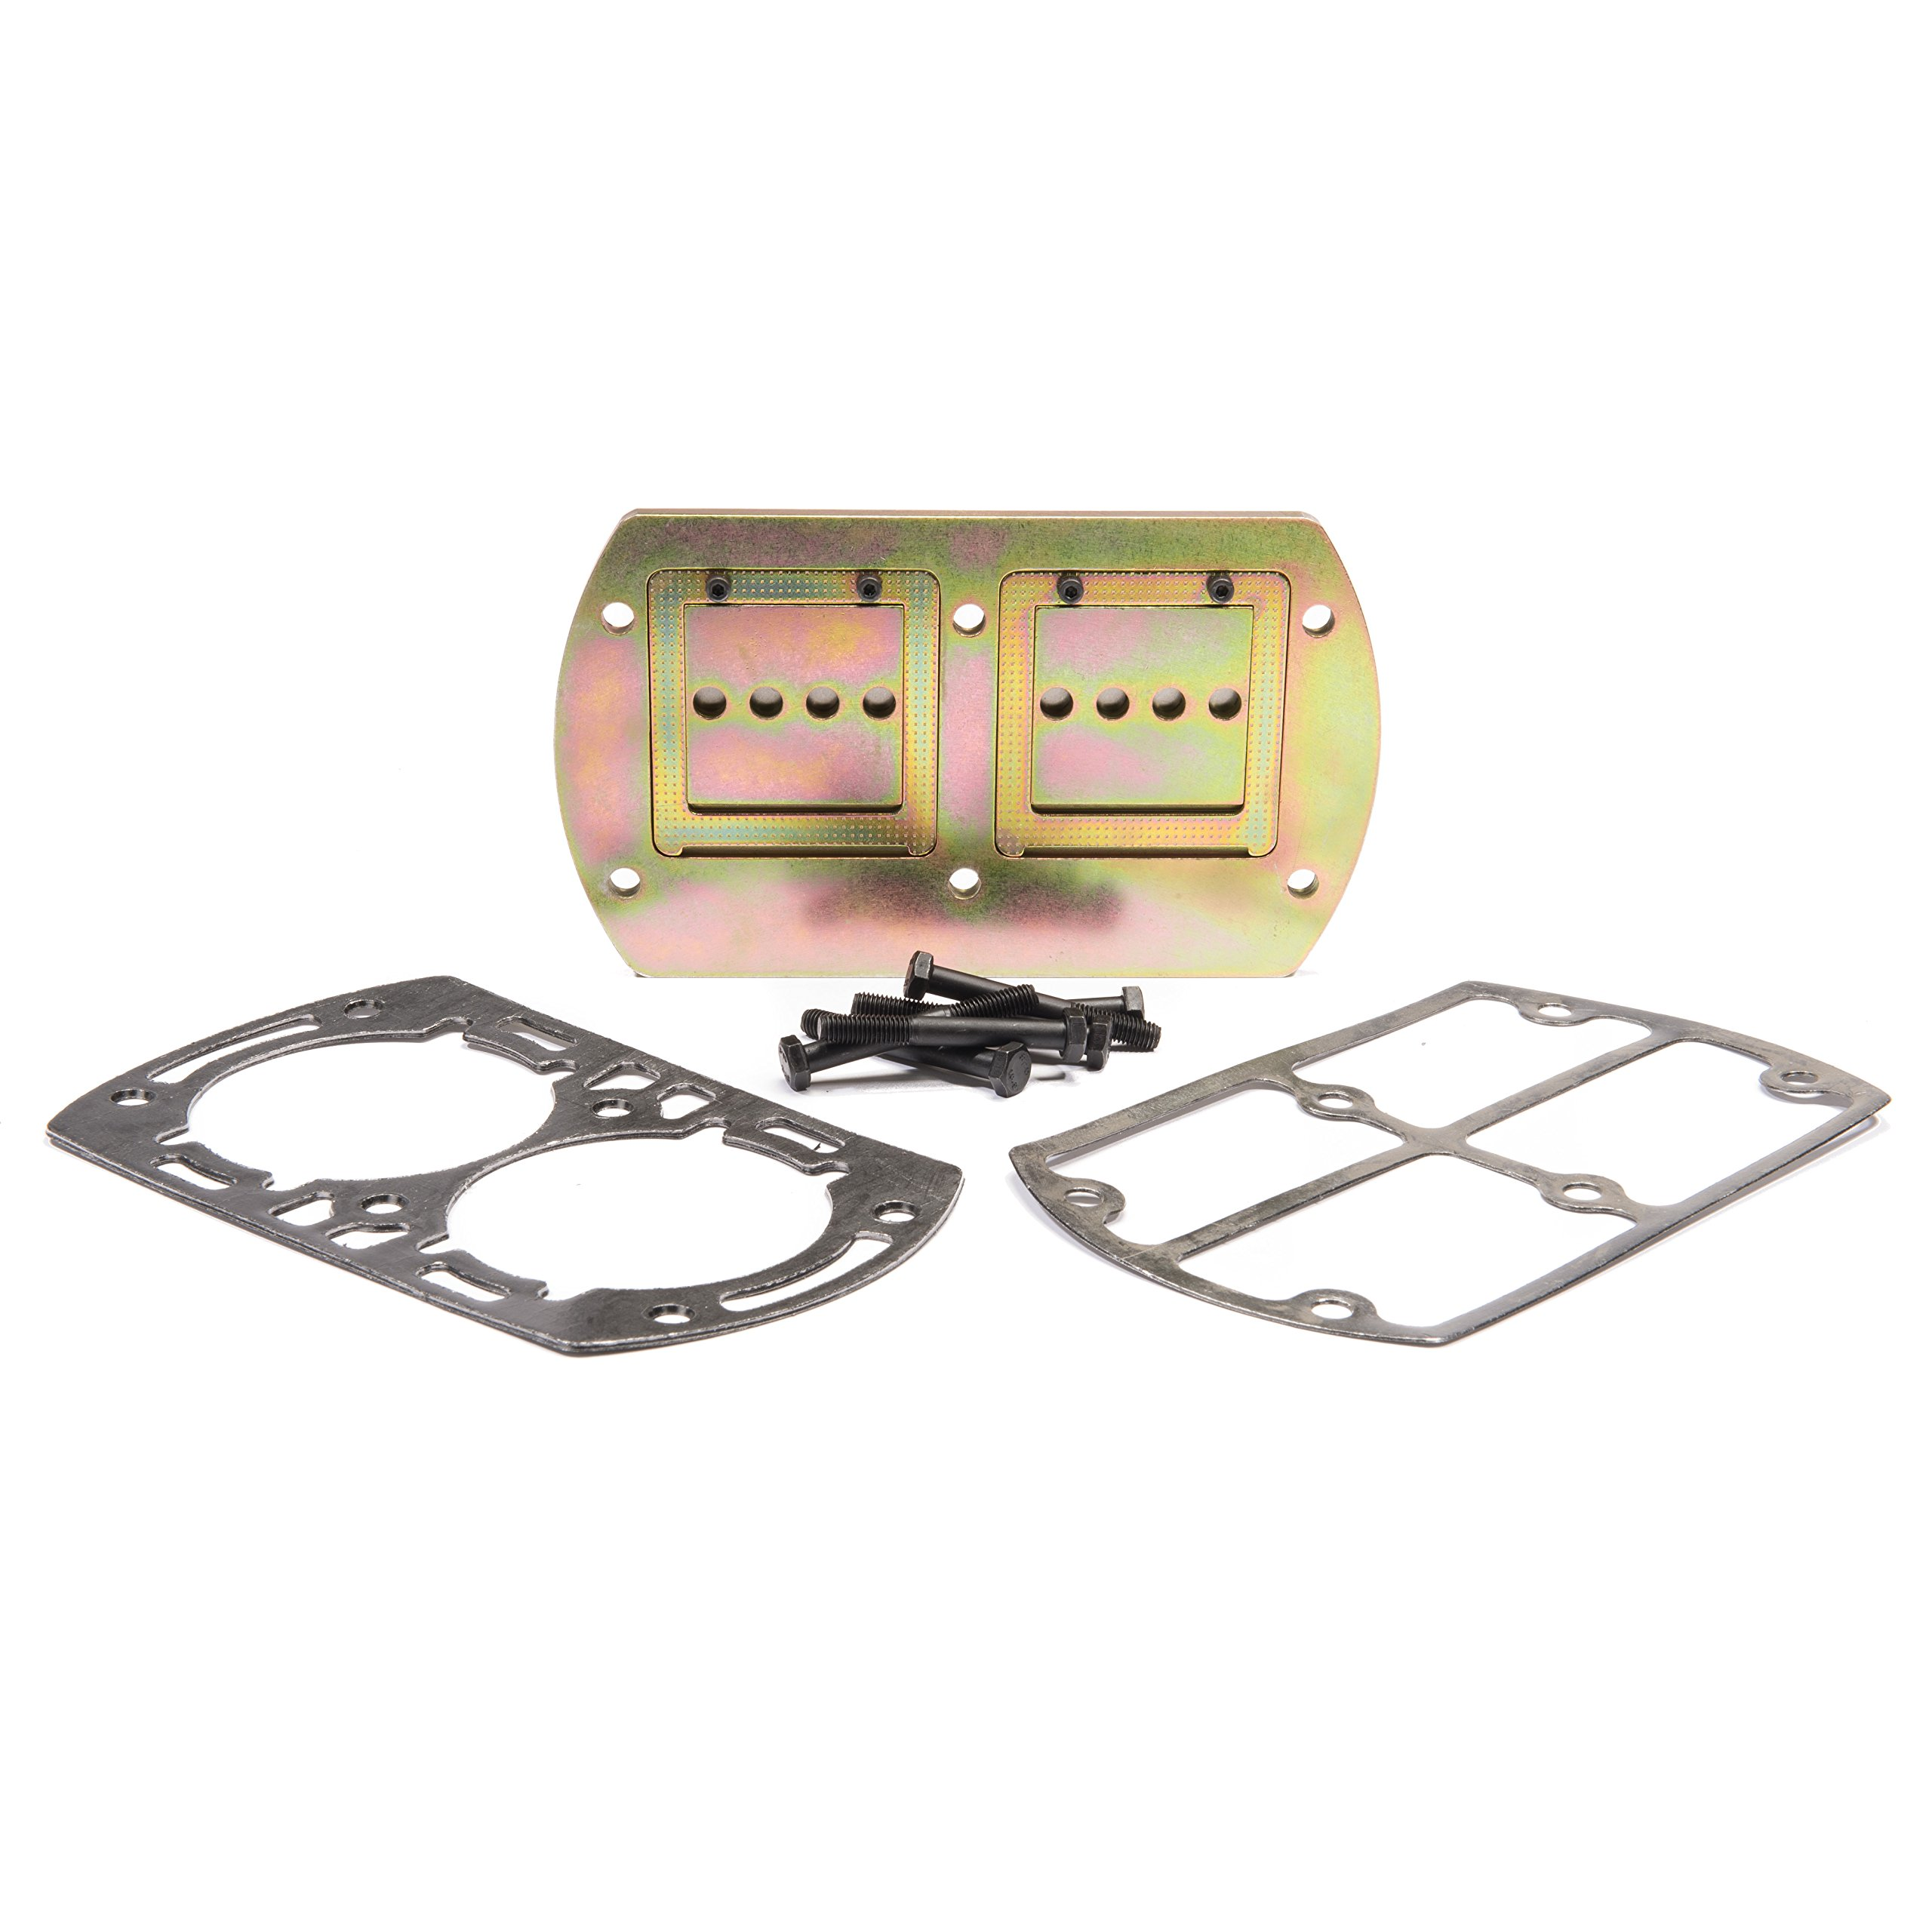 OEM Valve & Gasket Kit for SS5 Compressor by Ingersoll-Rand